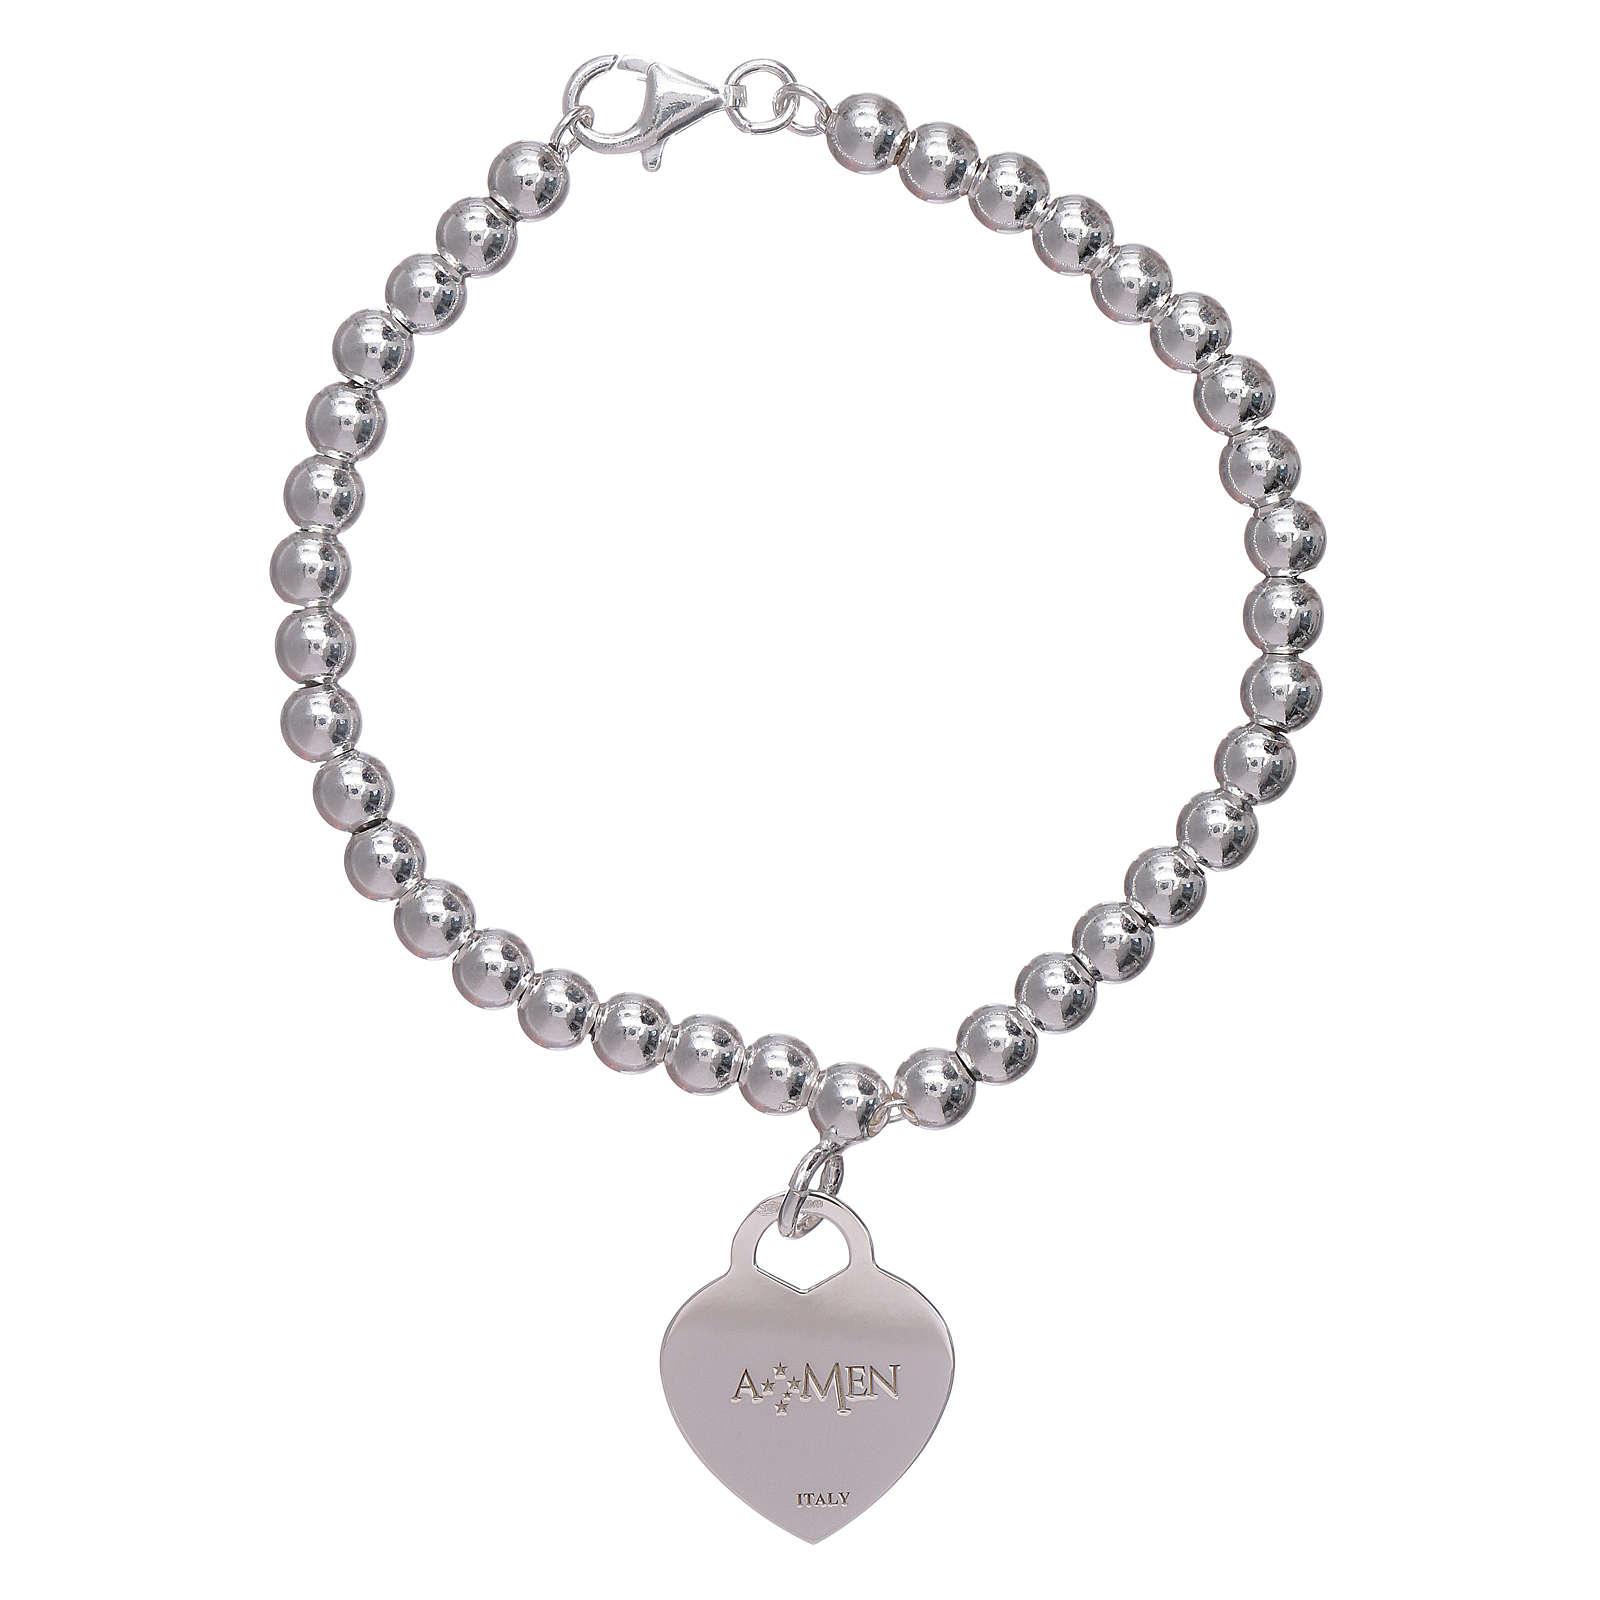 c325c5f6884 Bracelet coeur pendentif AMEN argent 925 rhodié 4